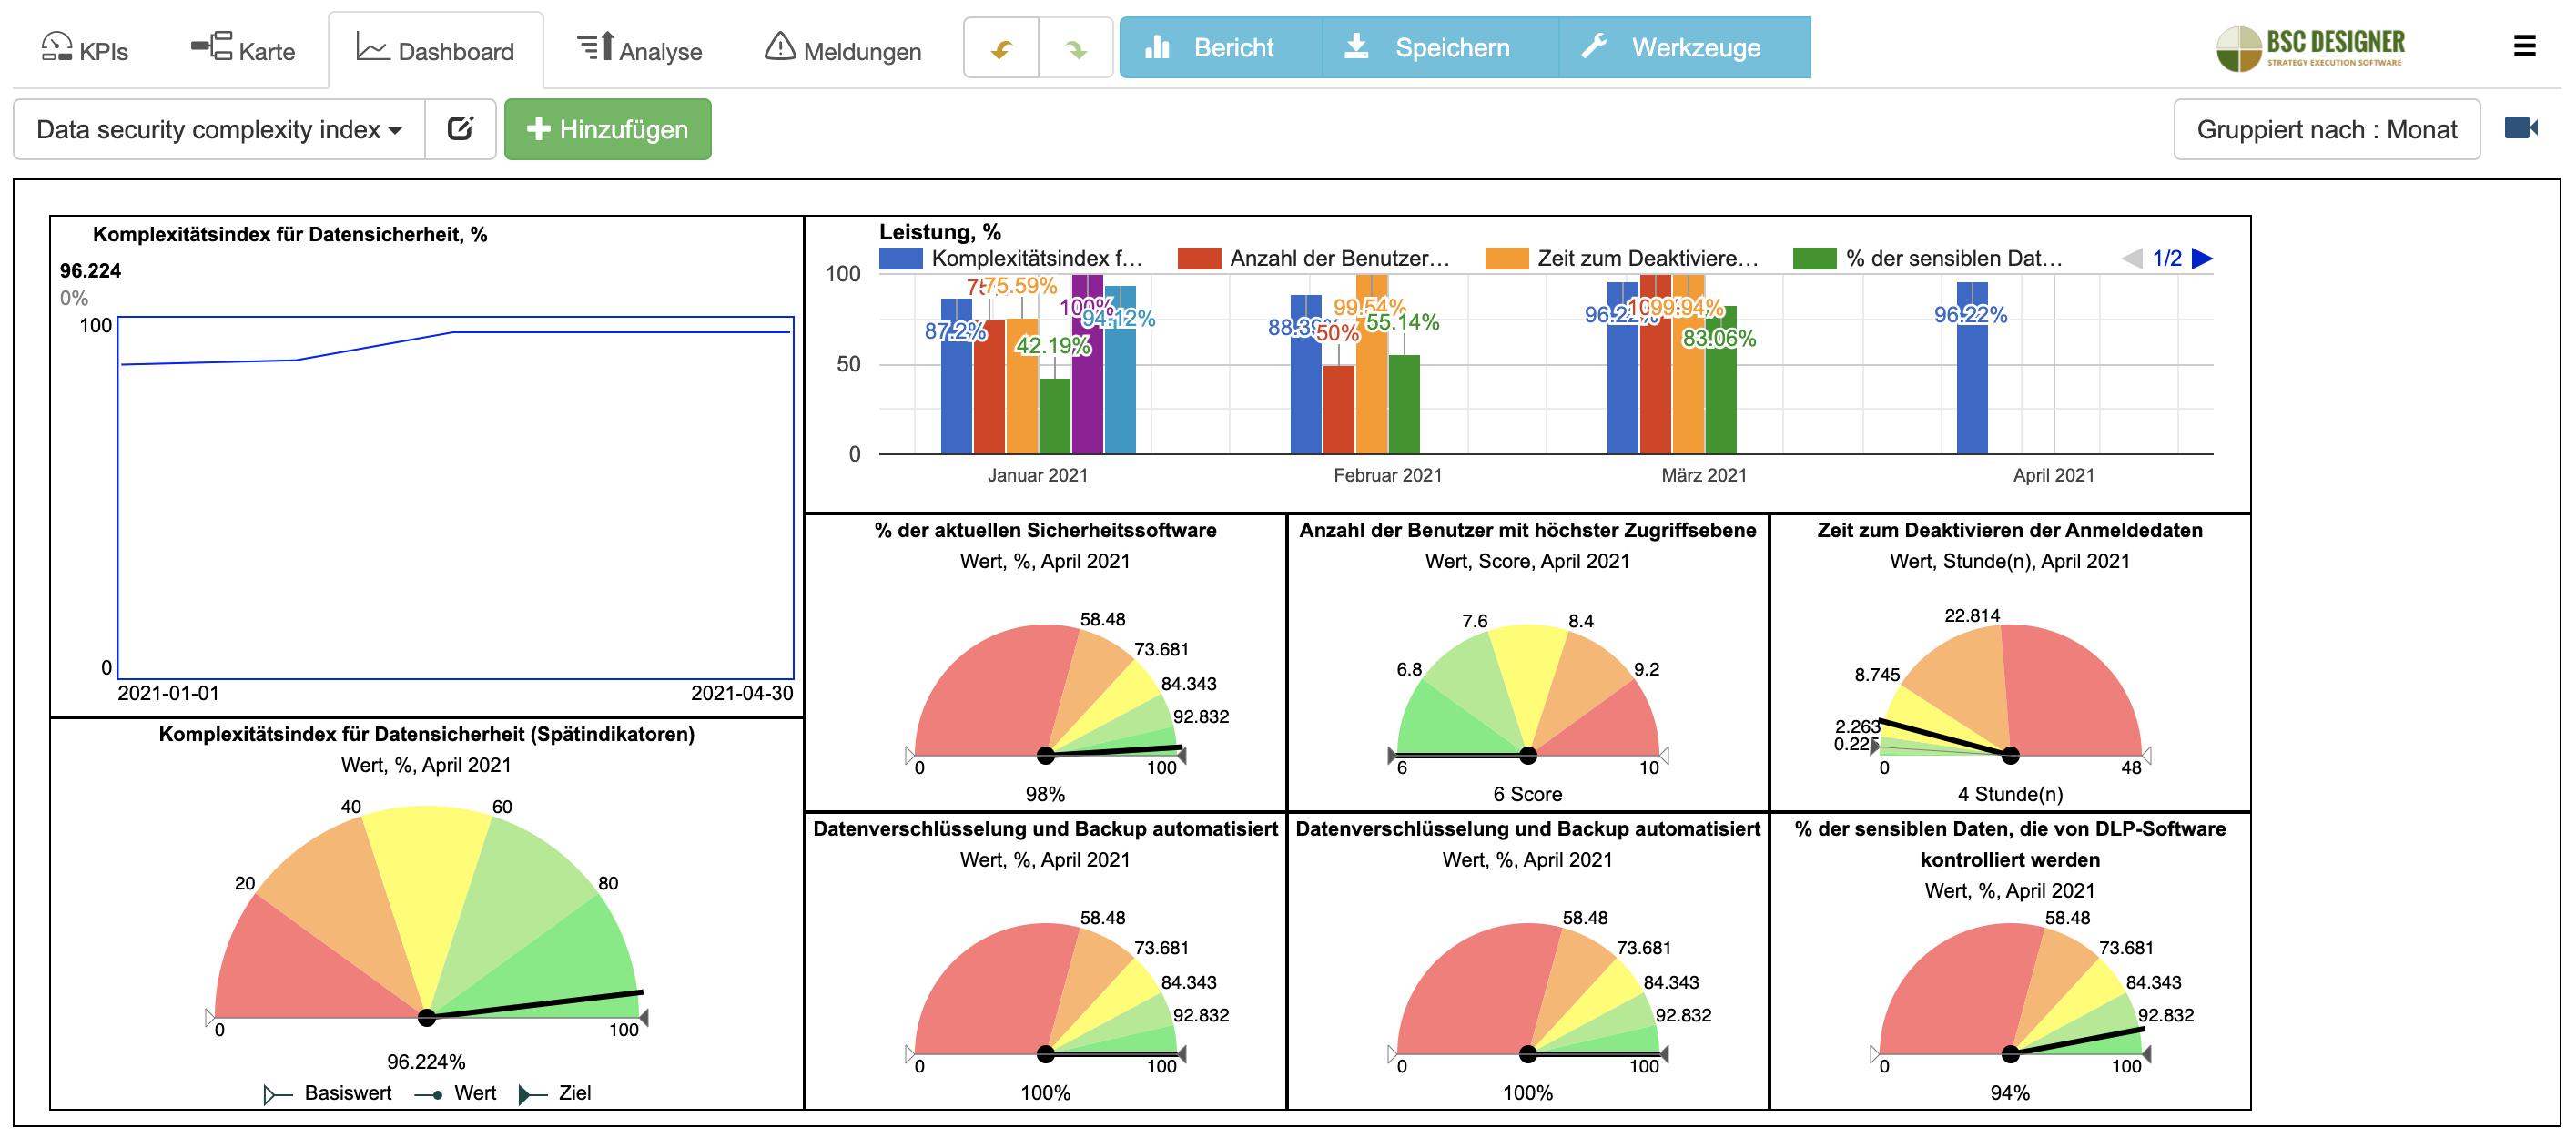 Ein Beispiel für das Dashboard des Datensicherheitskomplexitätsindex